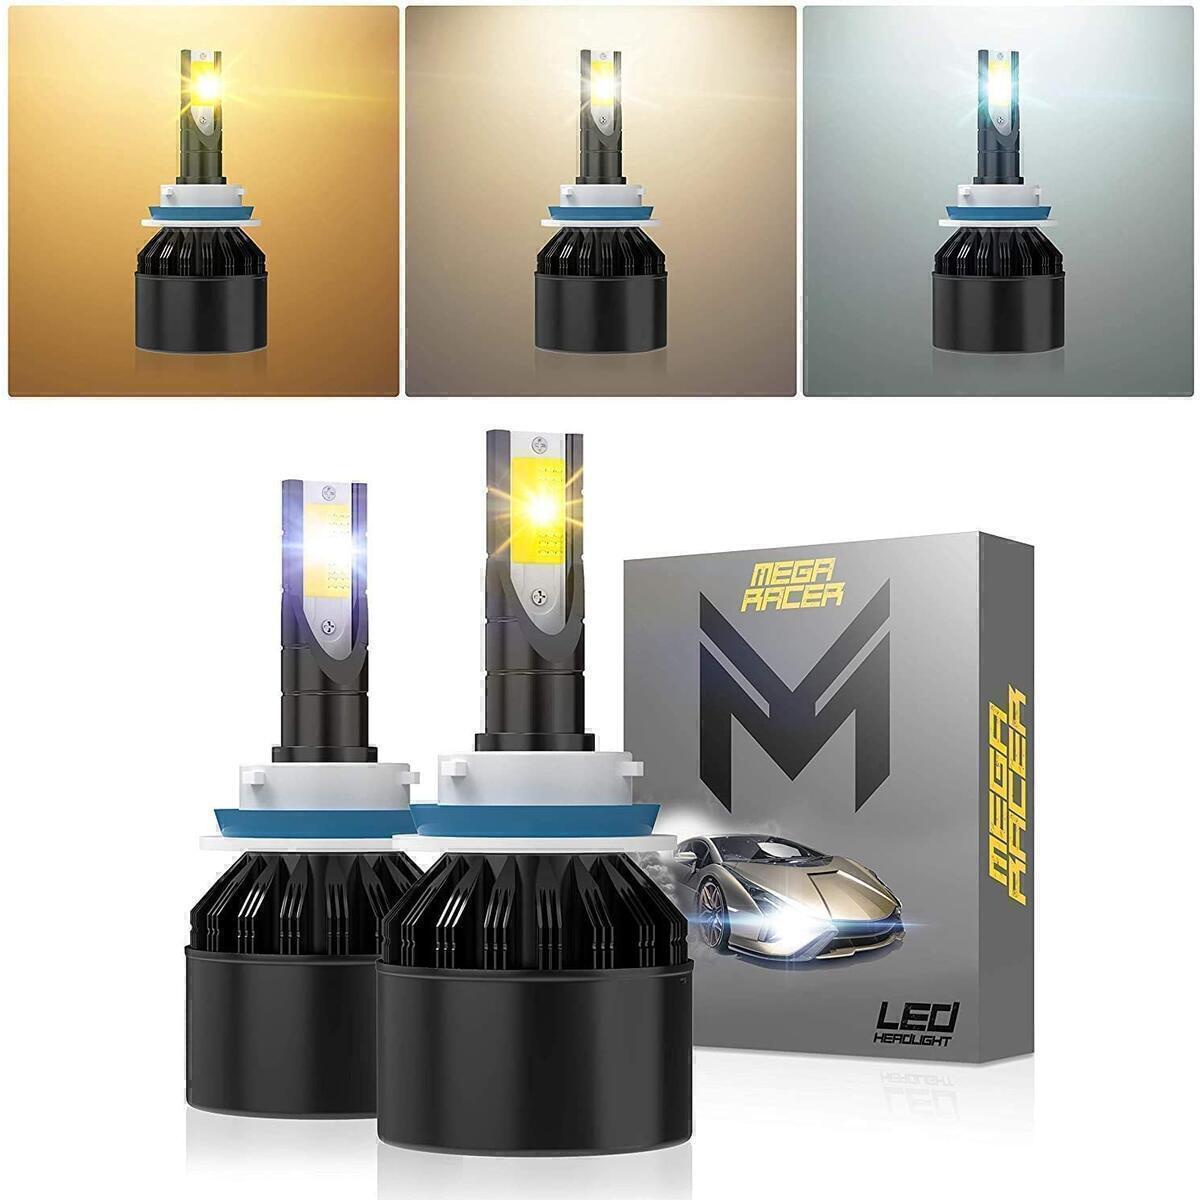 Mega Racer H11/H8/H16 Fog Light LED Headlight Bulbs, 3 Changeable Colors for Fog Light Replacement Bulb (6000K Diamond White, 3000K Golden Yellow, 4300K Warm White), 50W 8000 Lumen COB IP68, Pack of 2